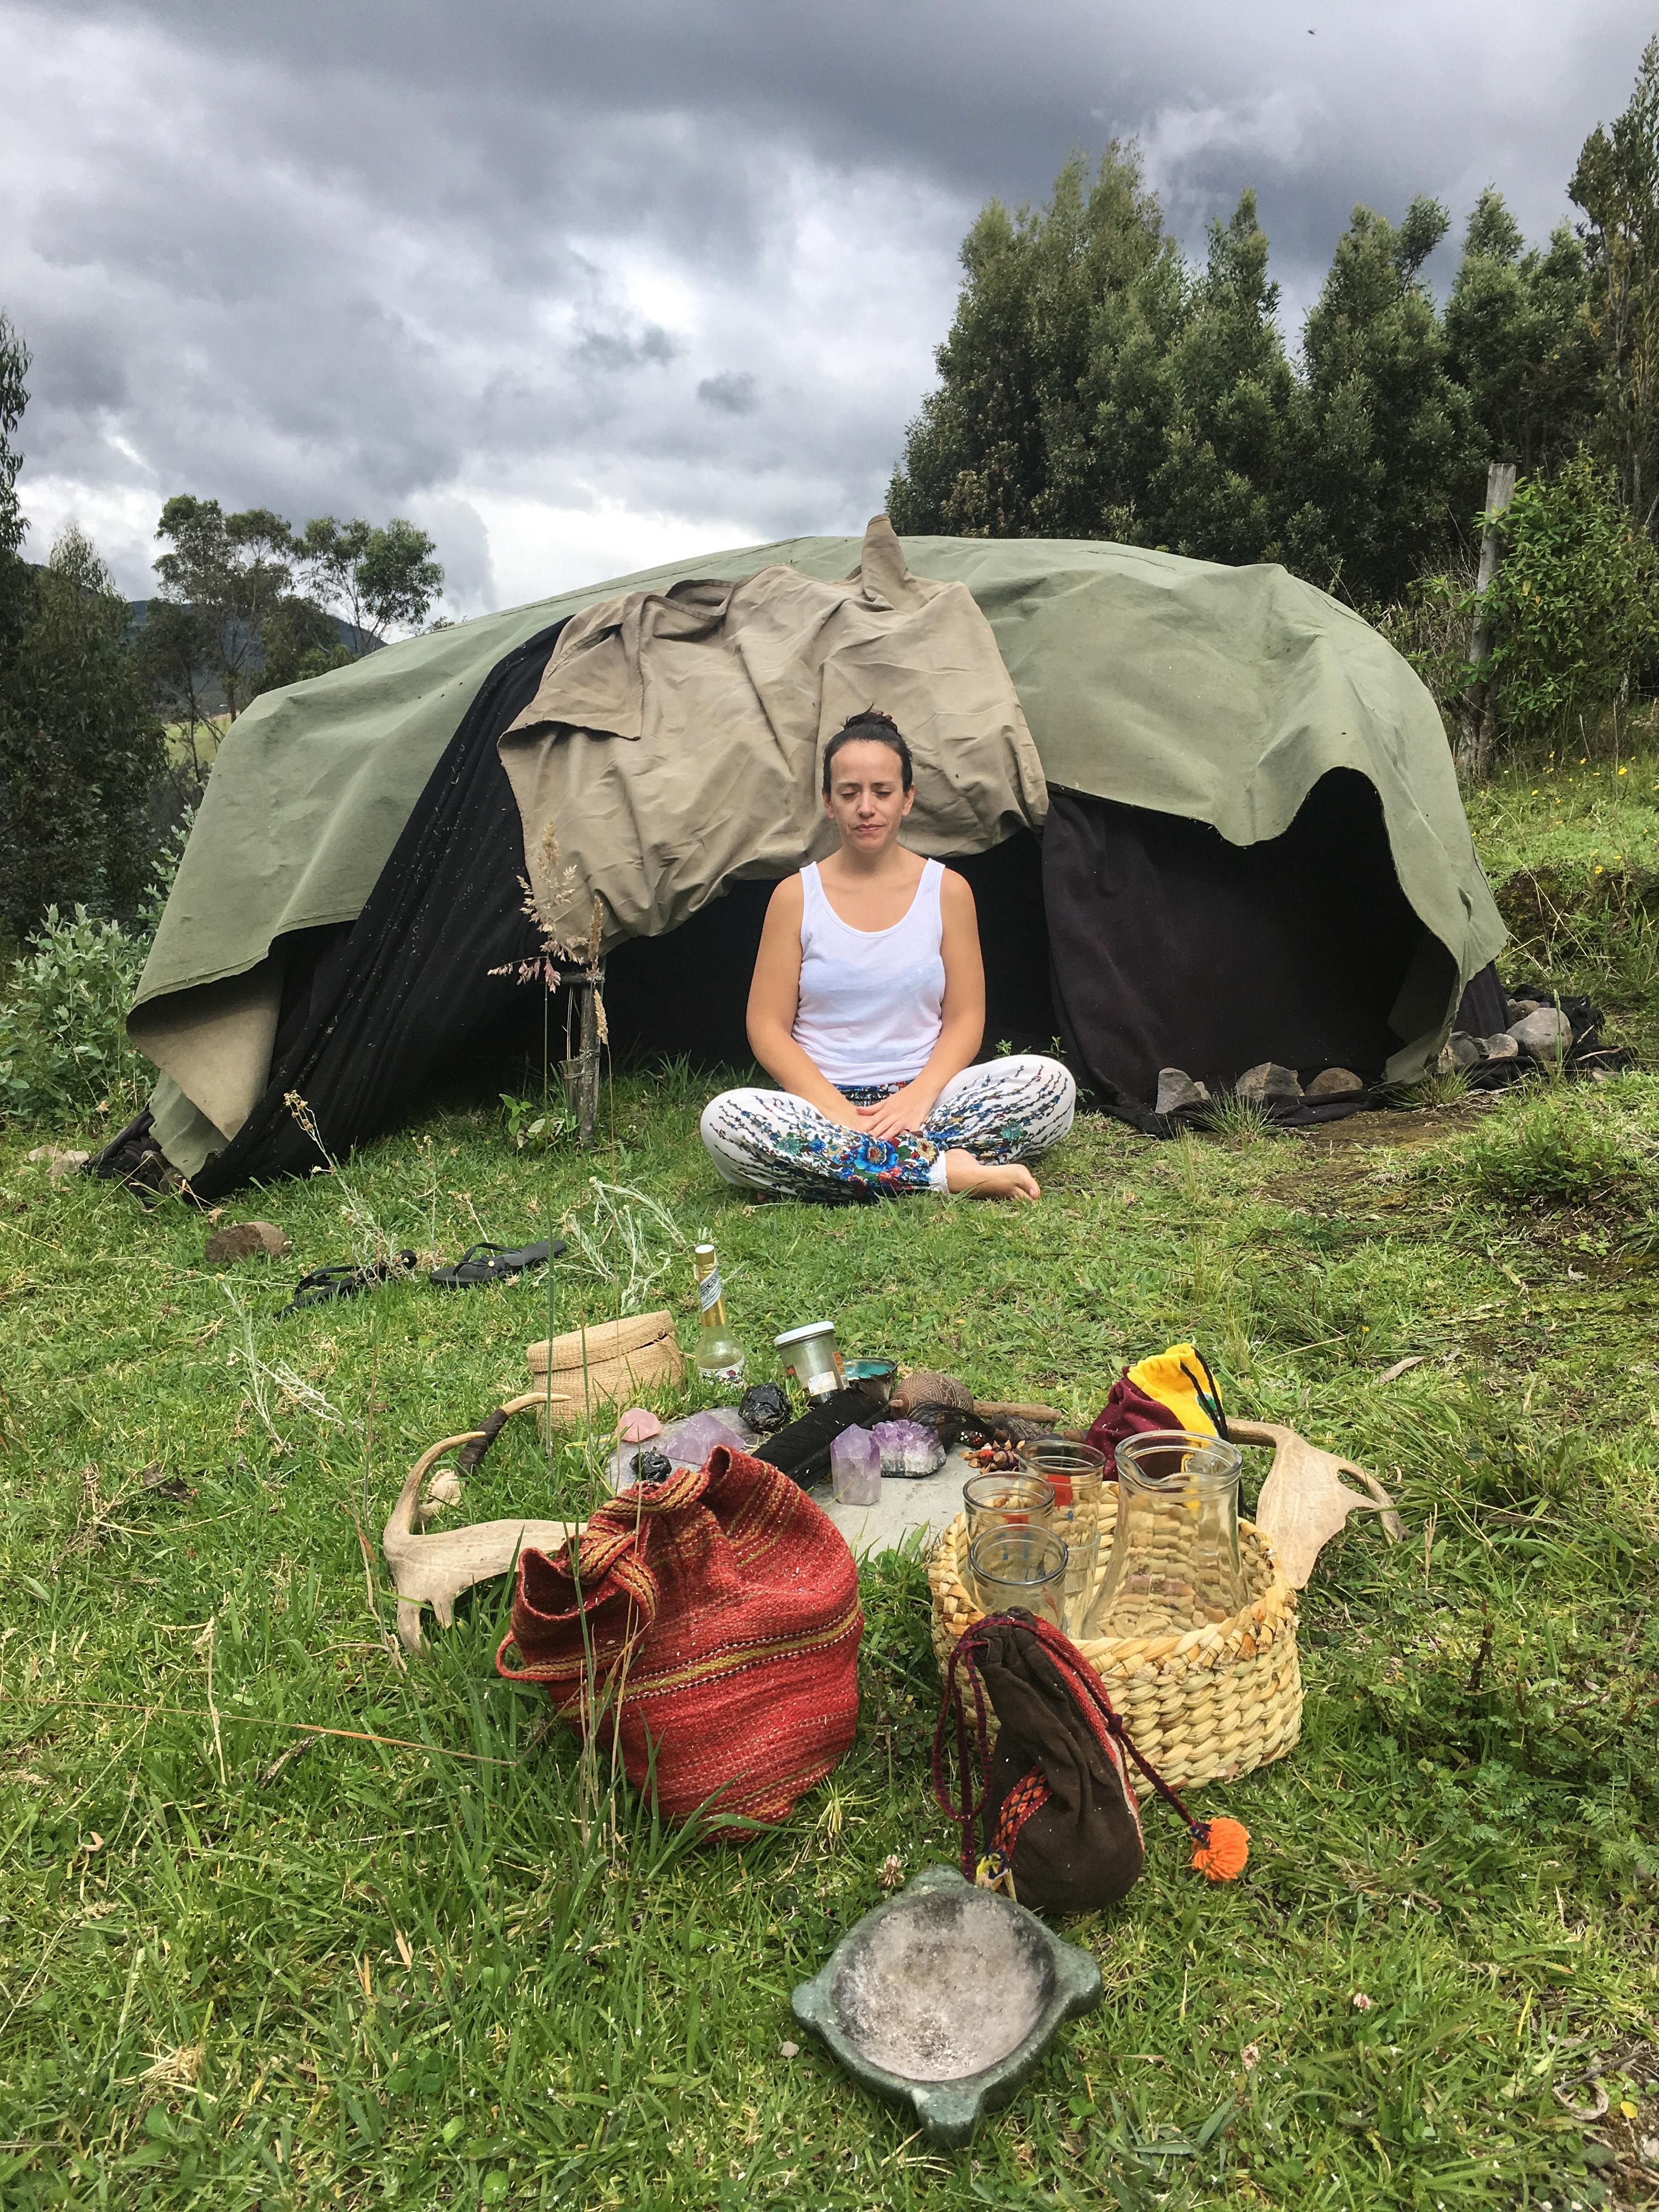 Sweat Lodge Experience In Ecuador